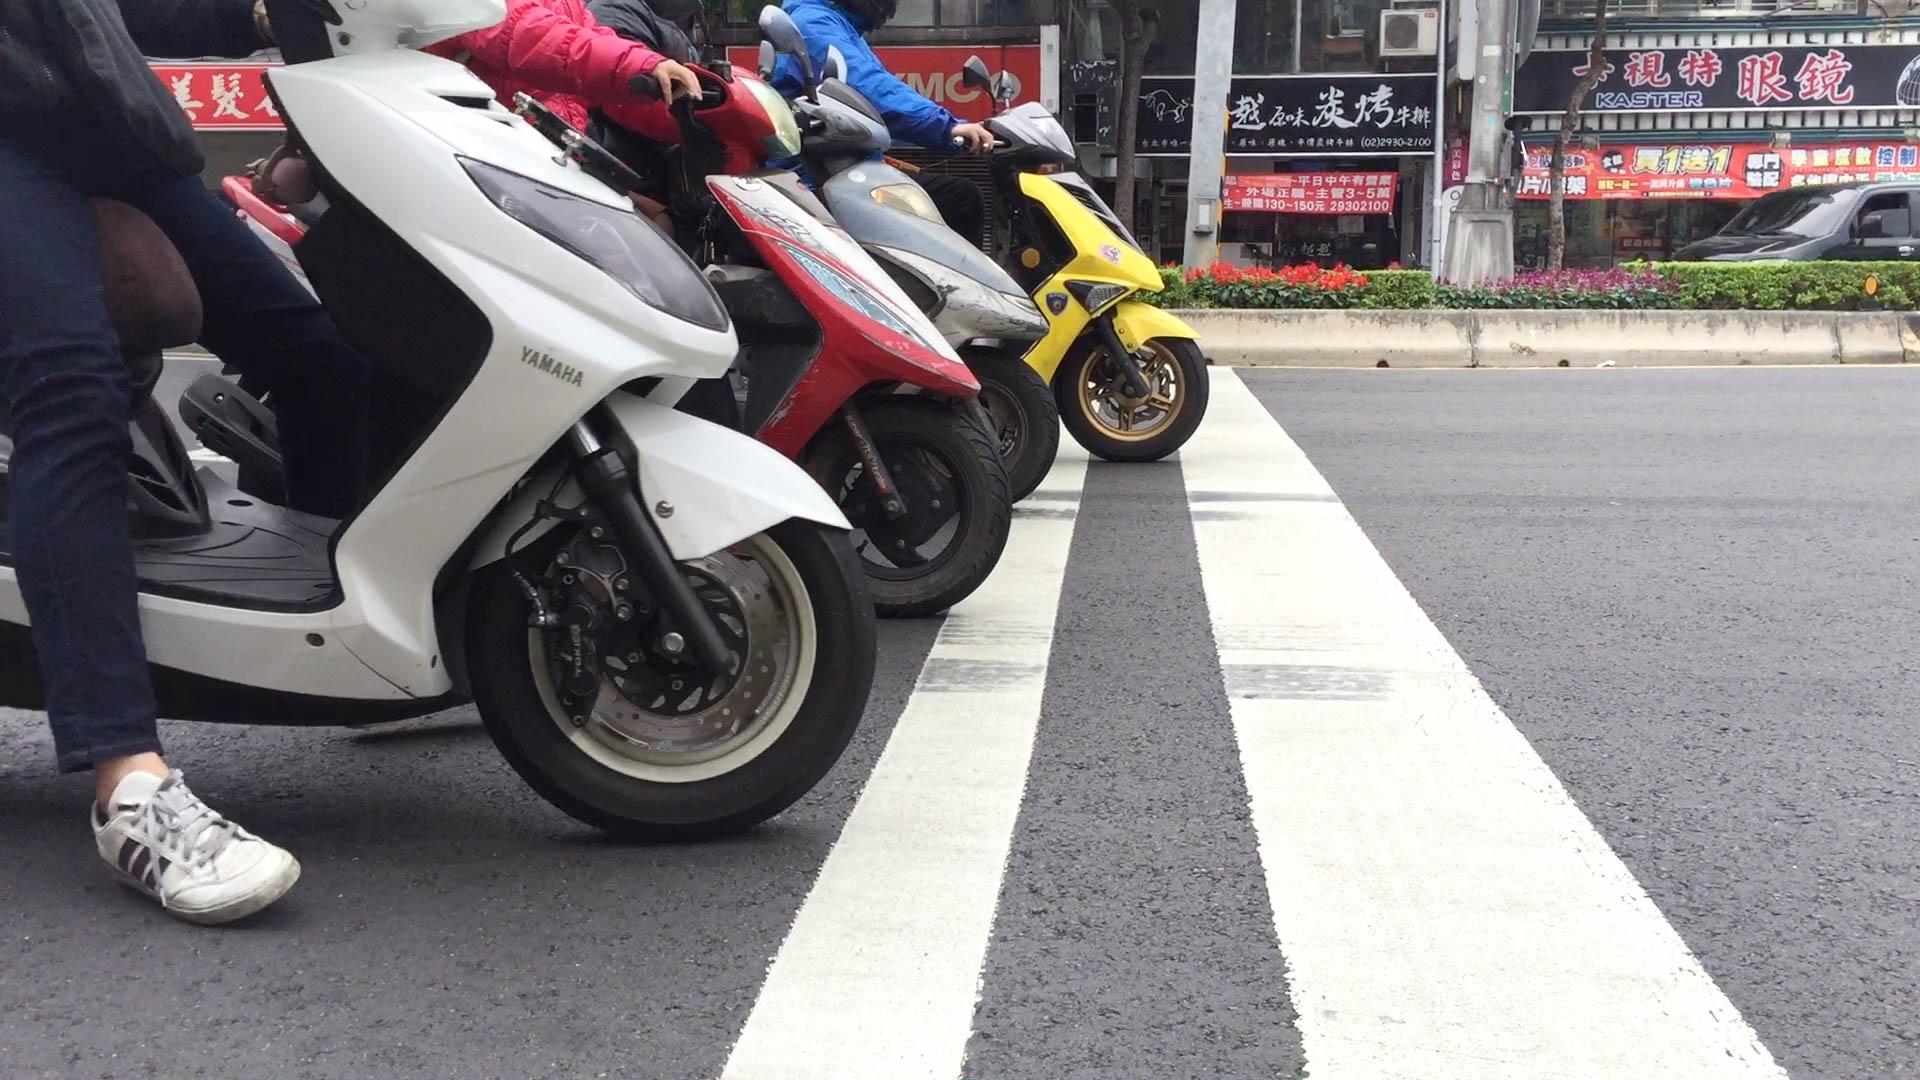 摩托車在標線上急剎的痕跡。攝影/布子如